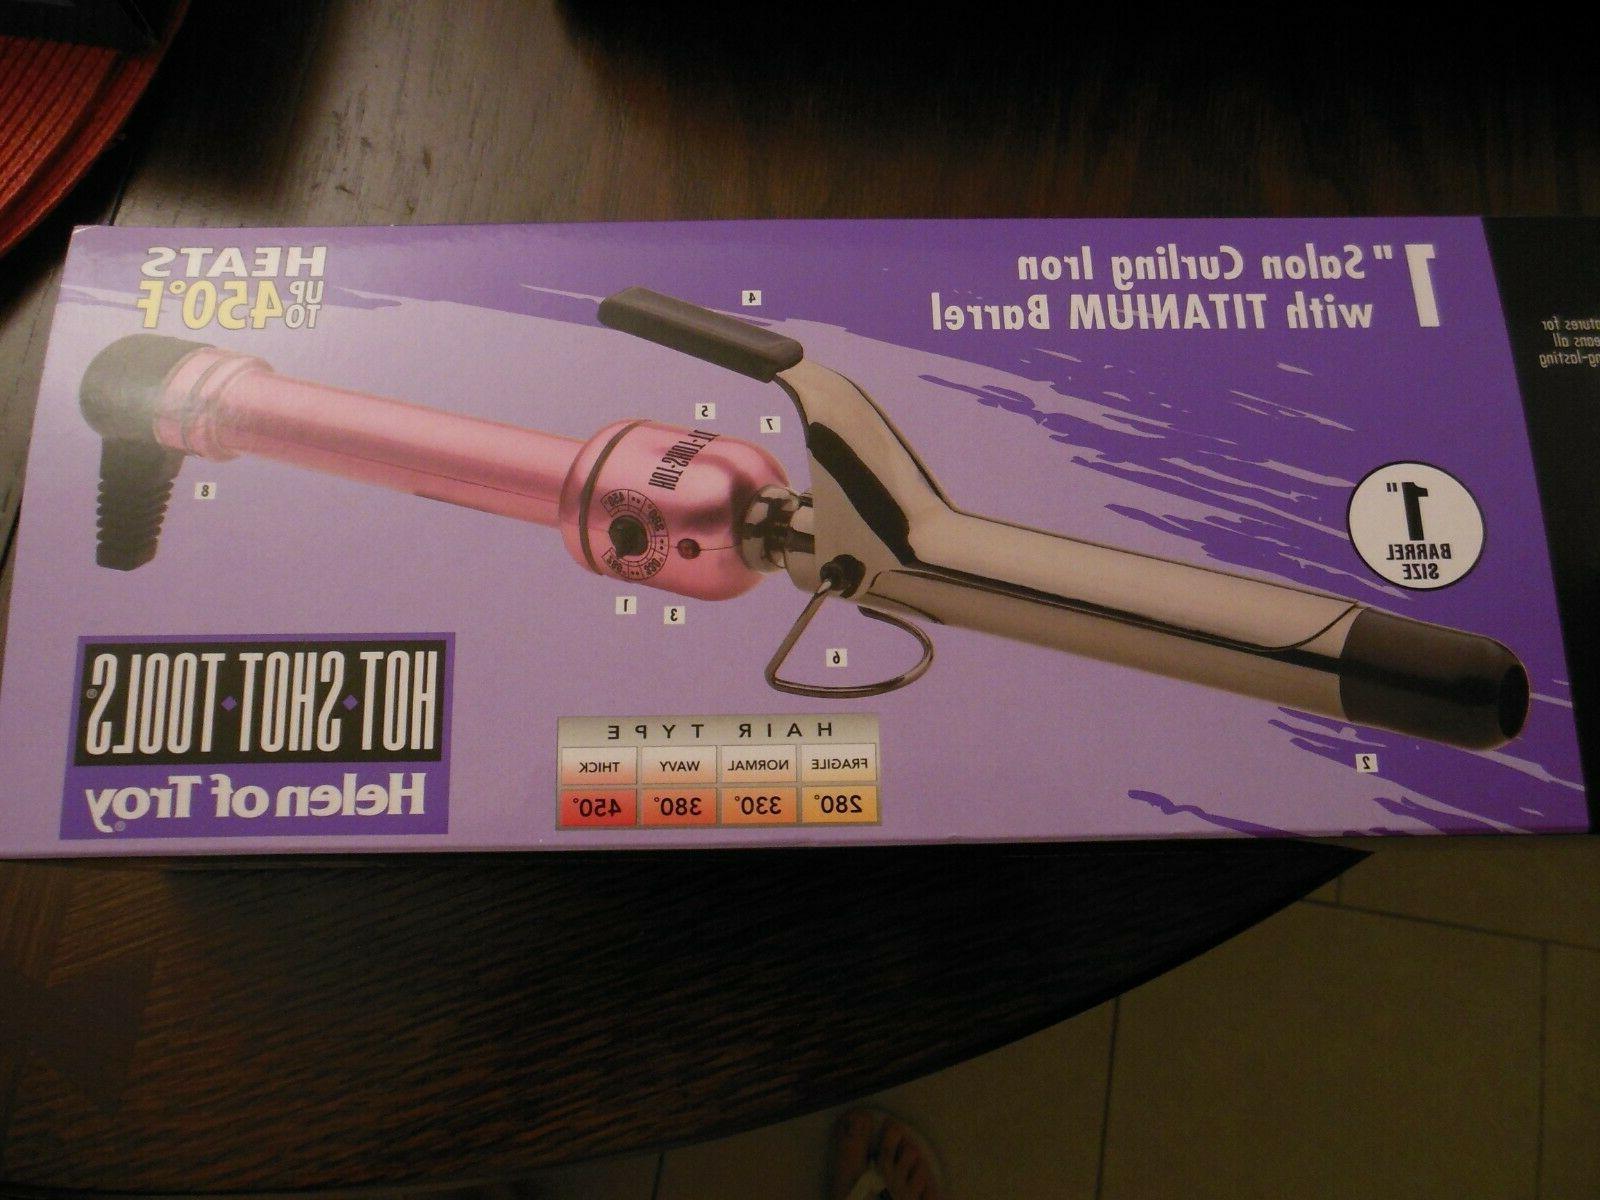 Hot Shot Tools * Curling Iron TITANIUM BARREL